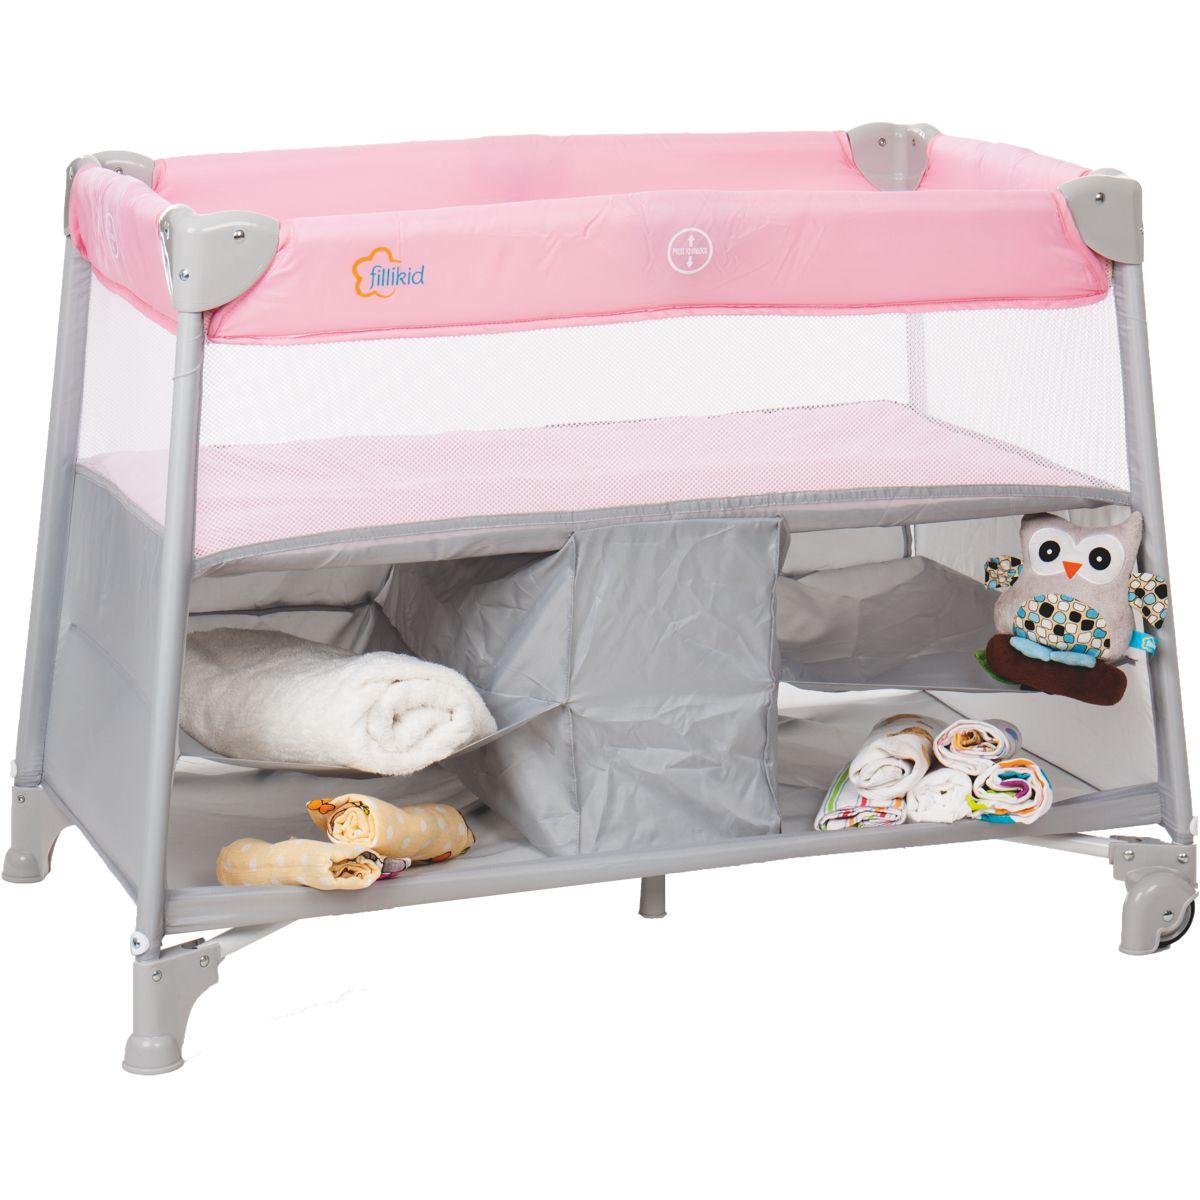 Babybettchen reisebett matratze tasche kinderbett for Kinderbett baby